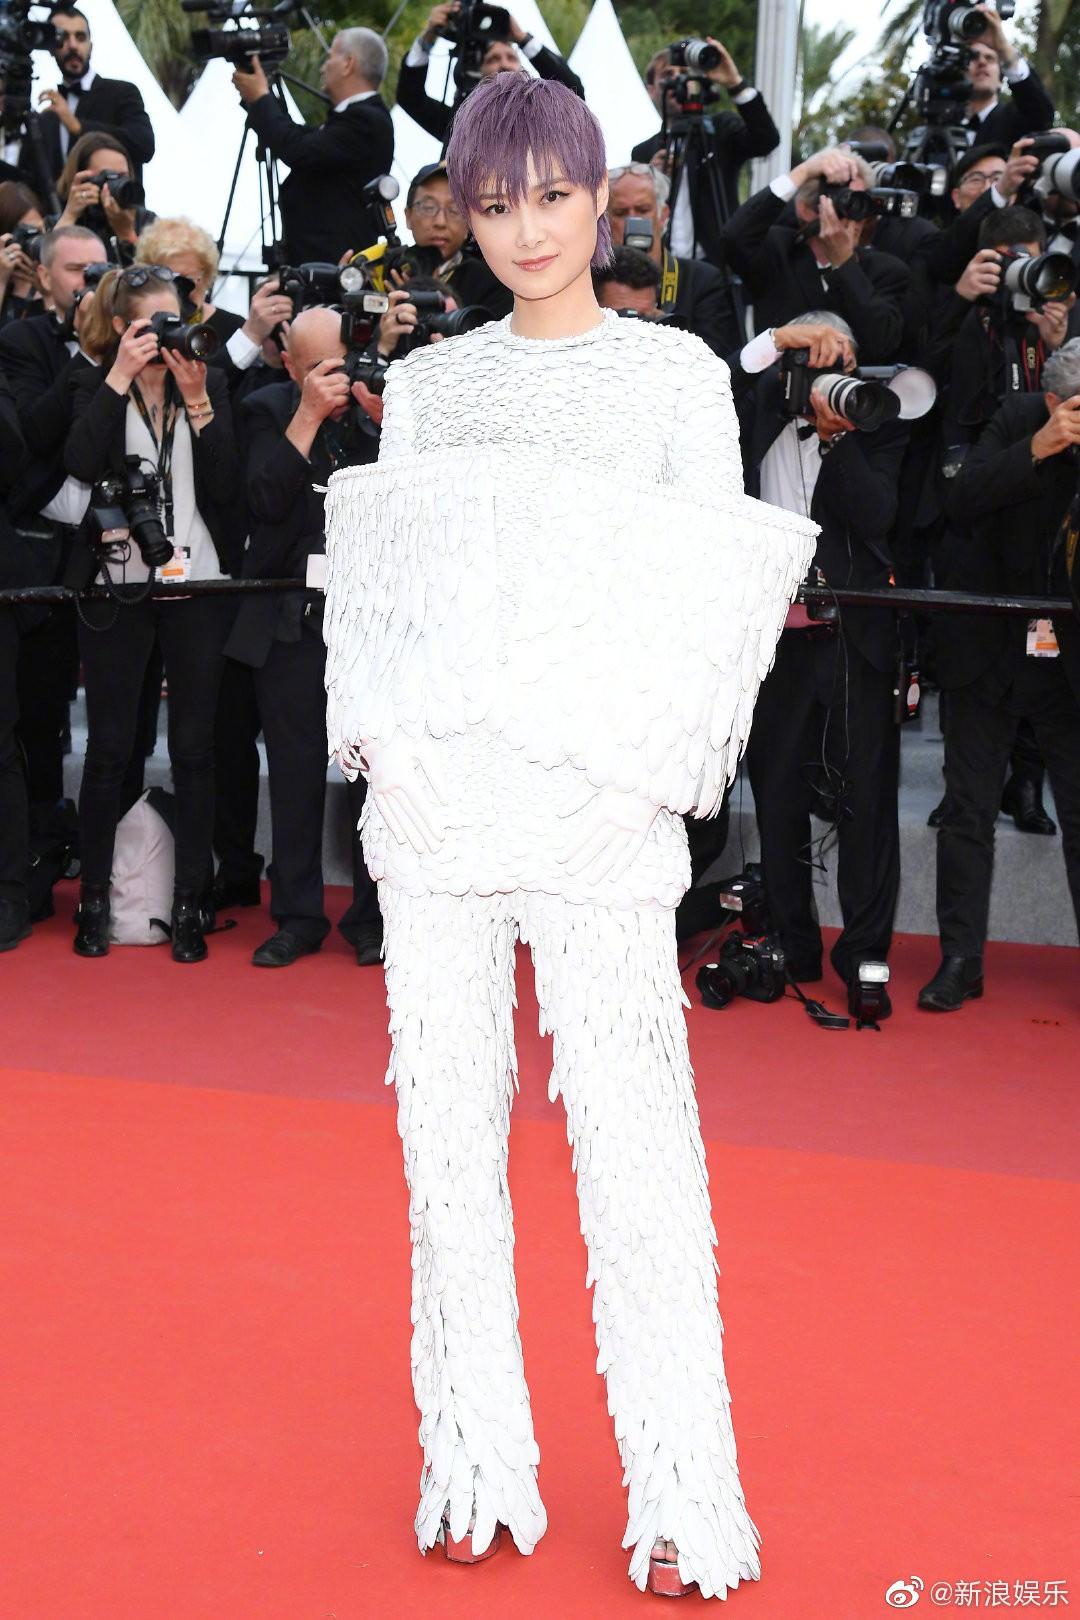 2 mỹ nhân bị đối xử một trời một vực tại Cannes: Cảnh Điềm bị xua đuổi phũ phàng, sao nữ này lại được chào đón - Ảnh 2.